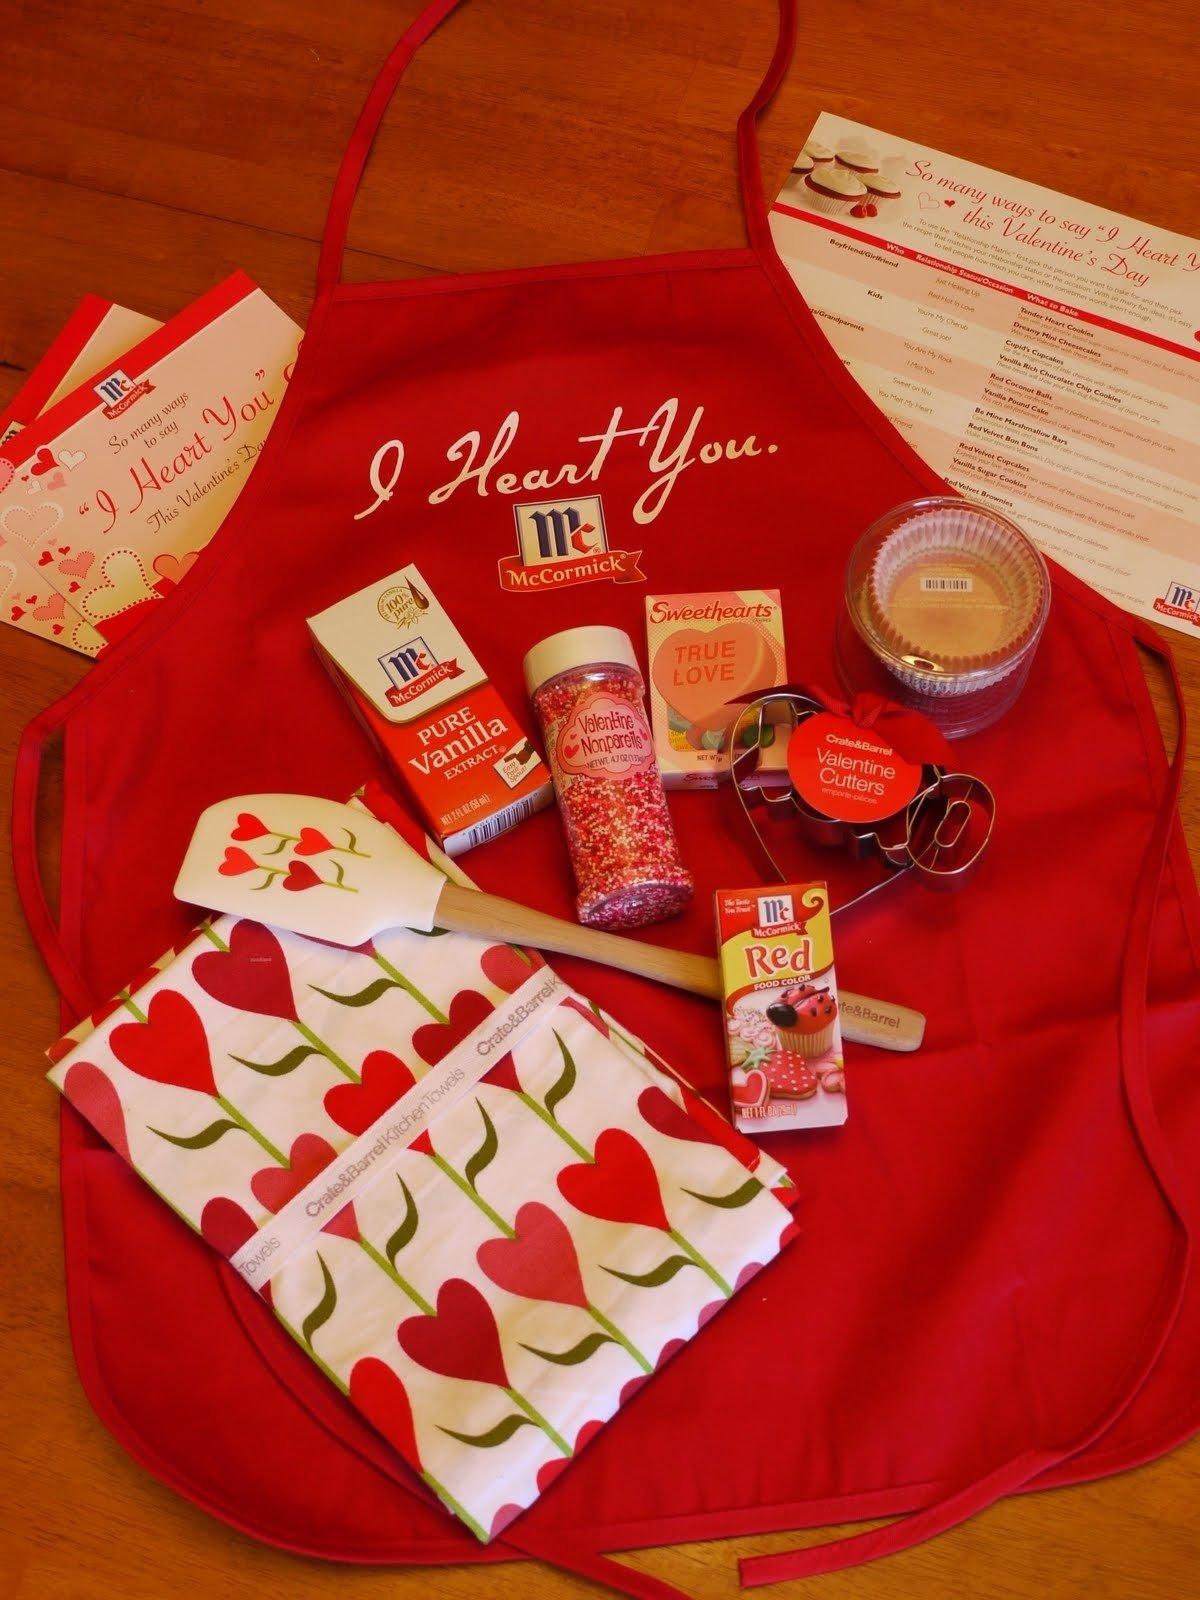 10 Unique Valentine Day Gifts For Him Ideas gift ideas for boyfriend valentines day gift ideas for boyfriends 8 2020